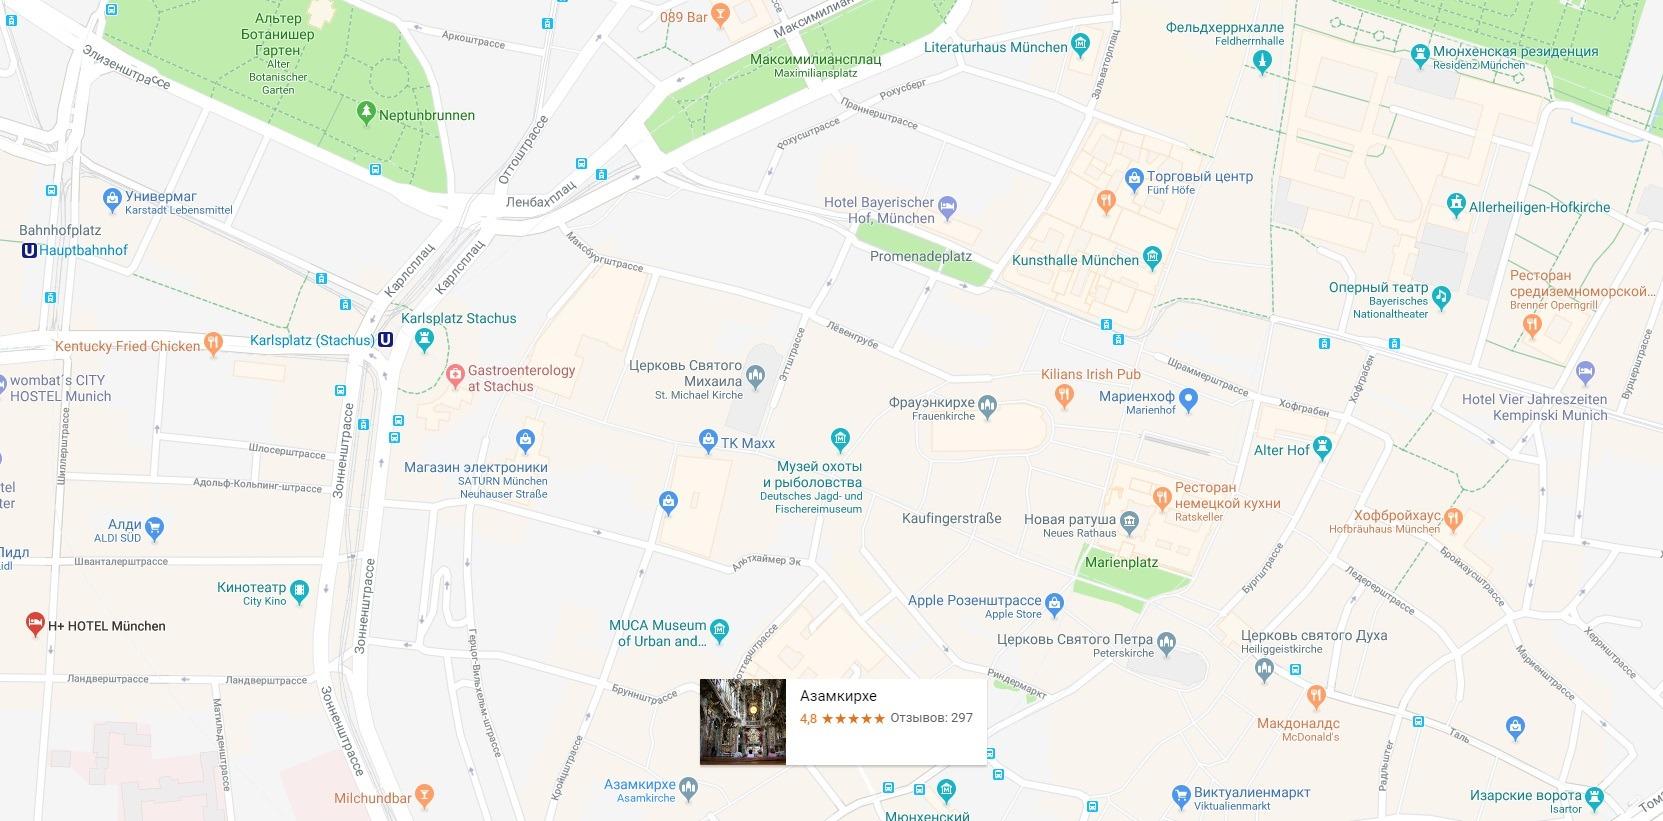 Карта казино германия мюнхен справочник путеводитель реально ли выиграть на вулкан казино